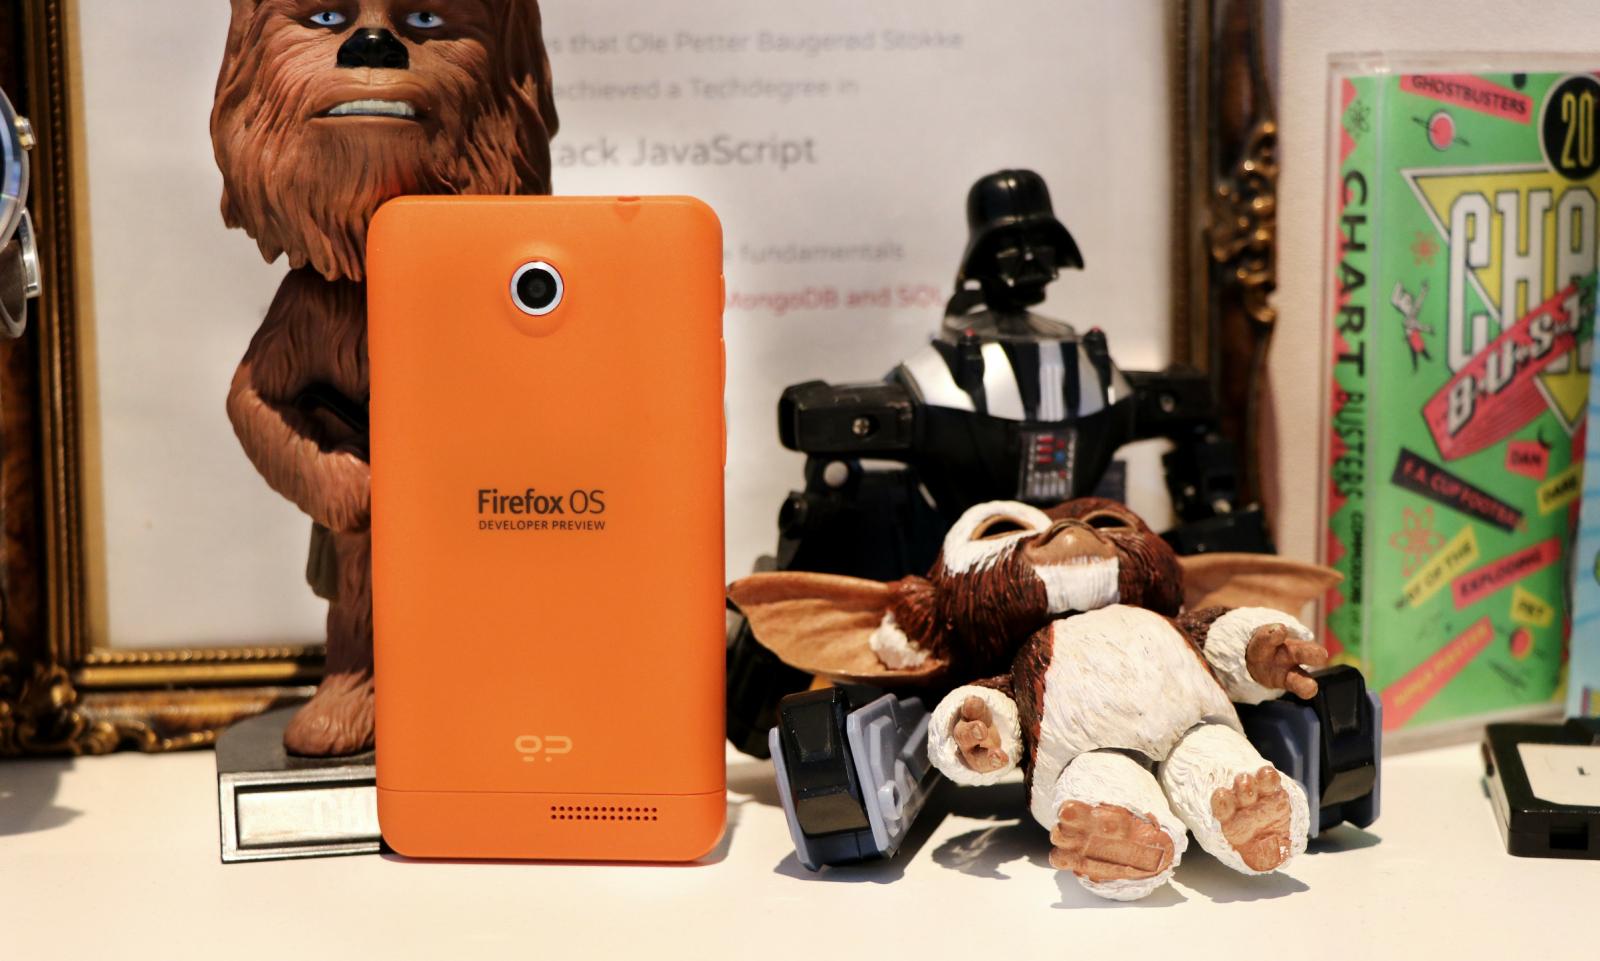 Geeksphone Keon var en nydelig liten oransje telefon som kjørte Firefox OS. Dessverre har batteriet est ut, og telefonen fungerer ikke lenger. 📸: Jørgen Jacobsen